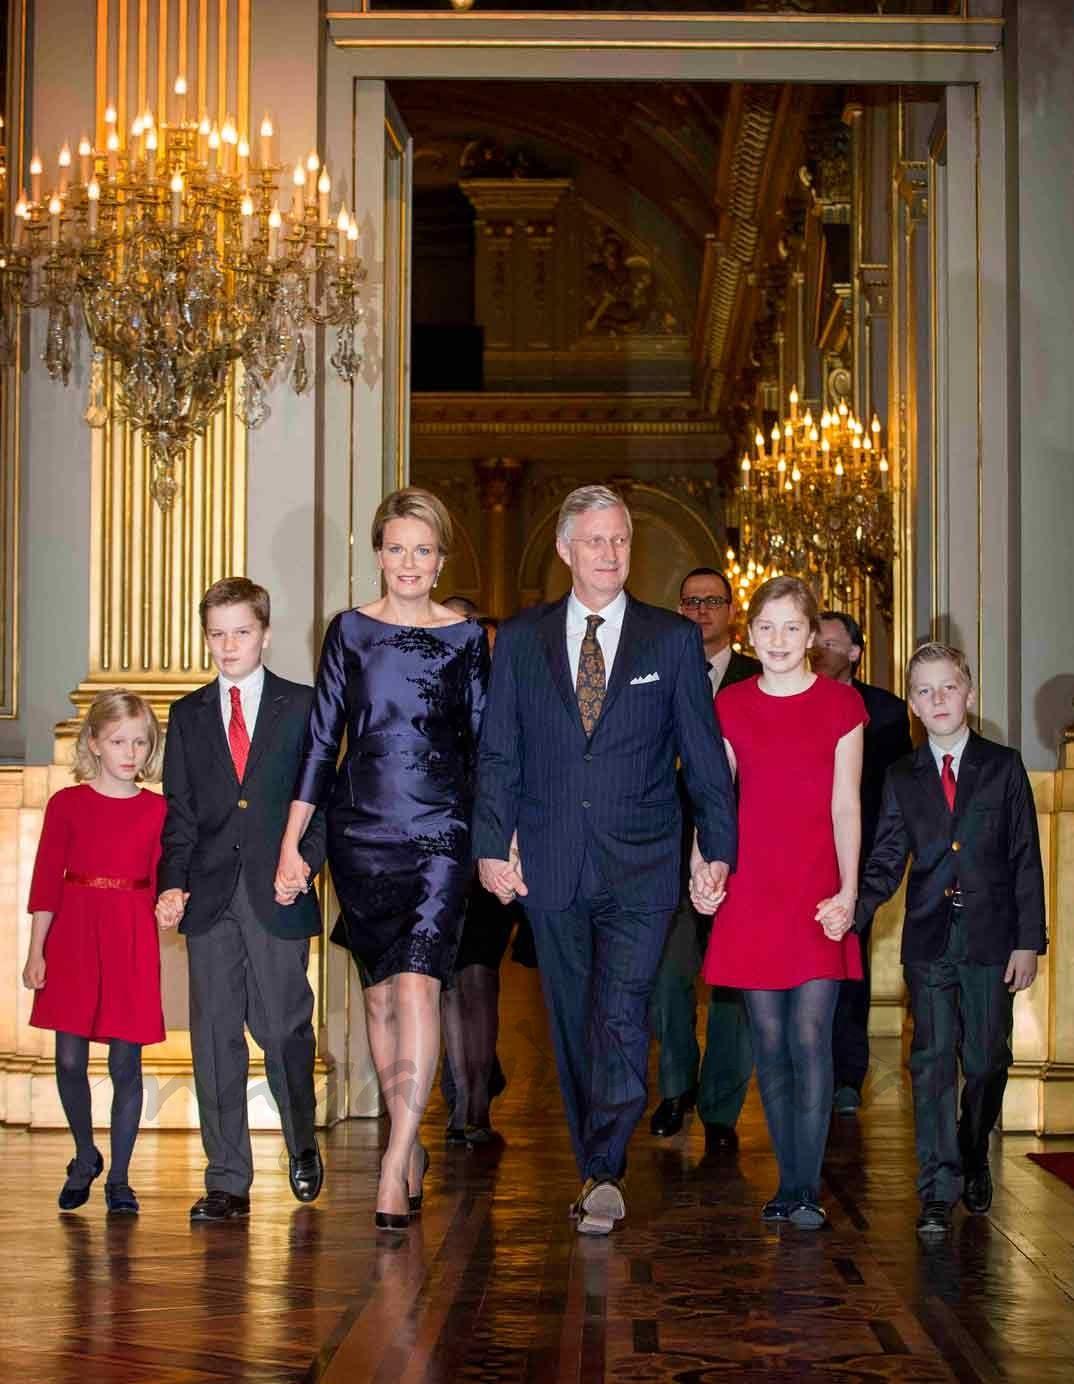 Felipe y Matilde de Bélgica junto a sus hijos en el concierto de Navidad